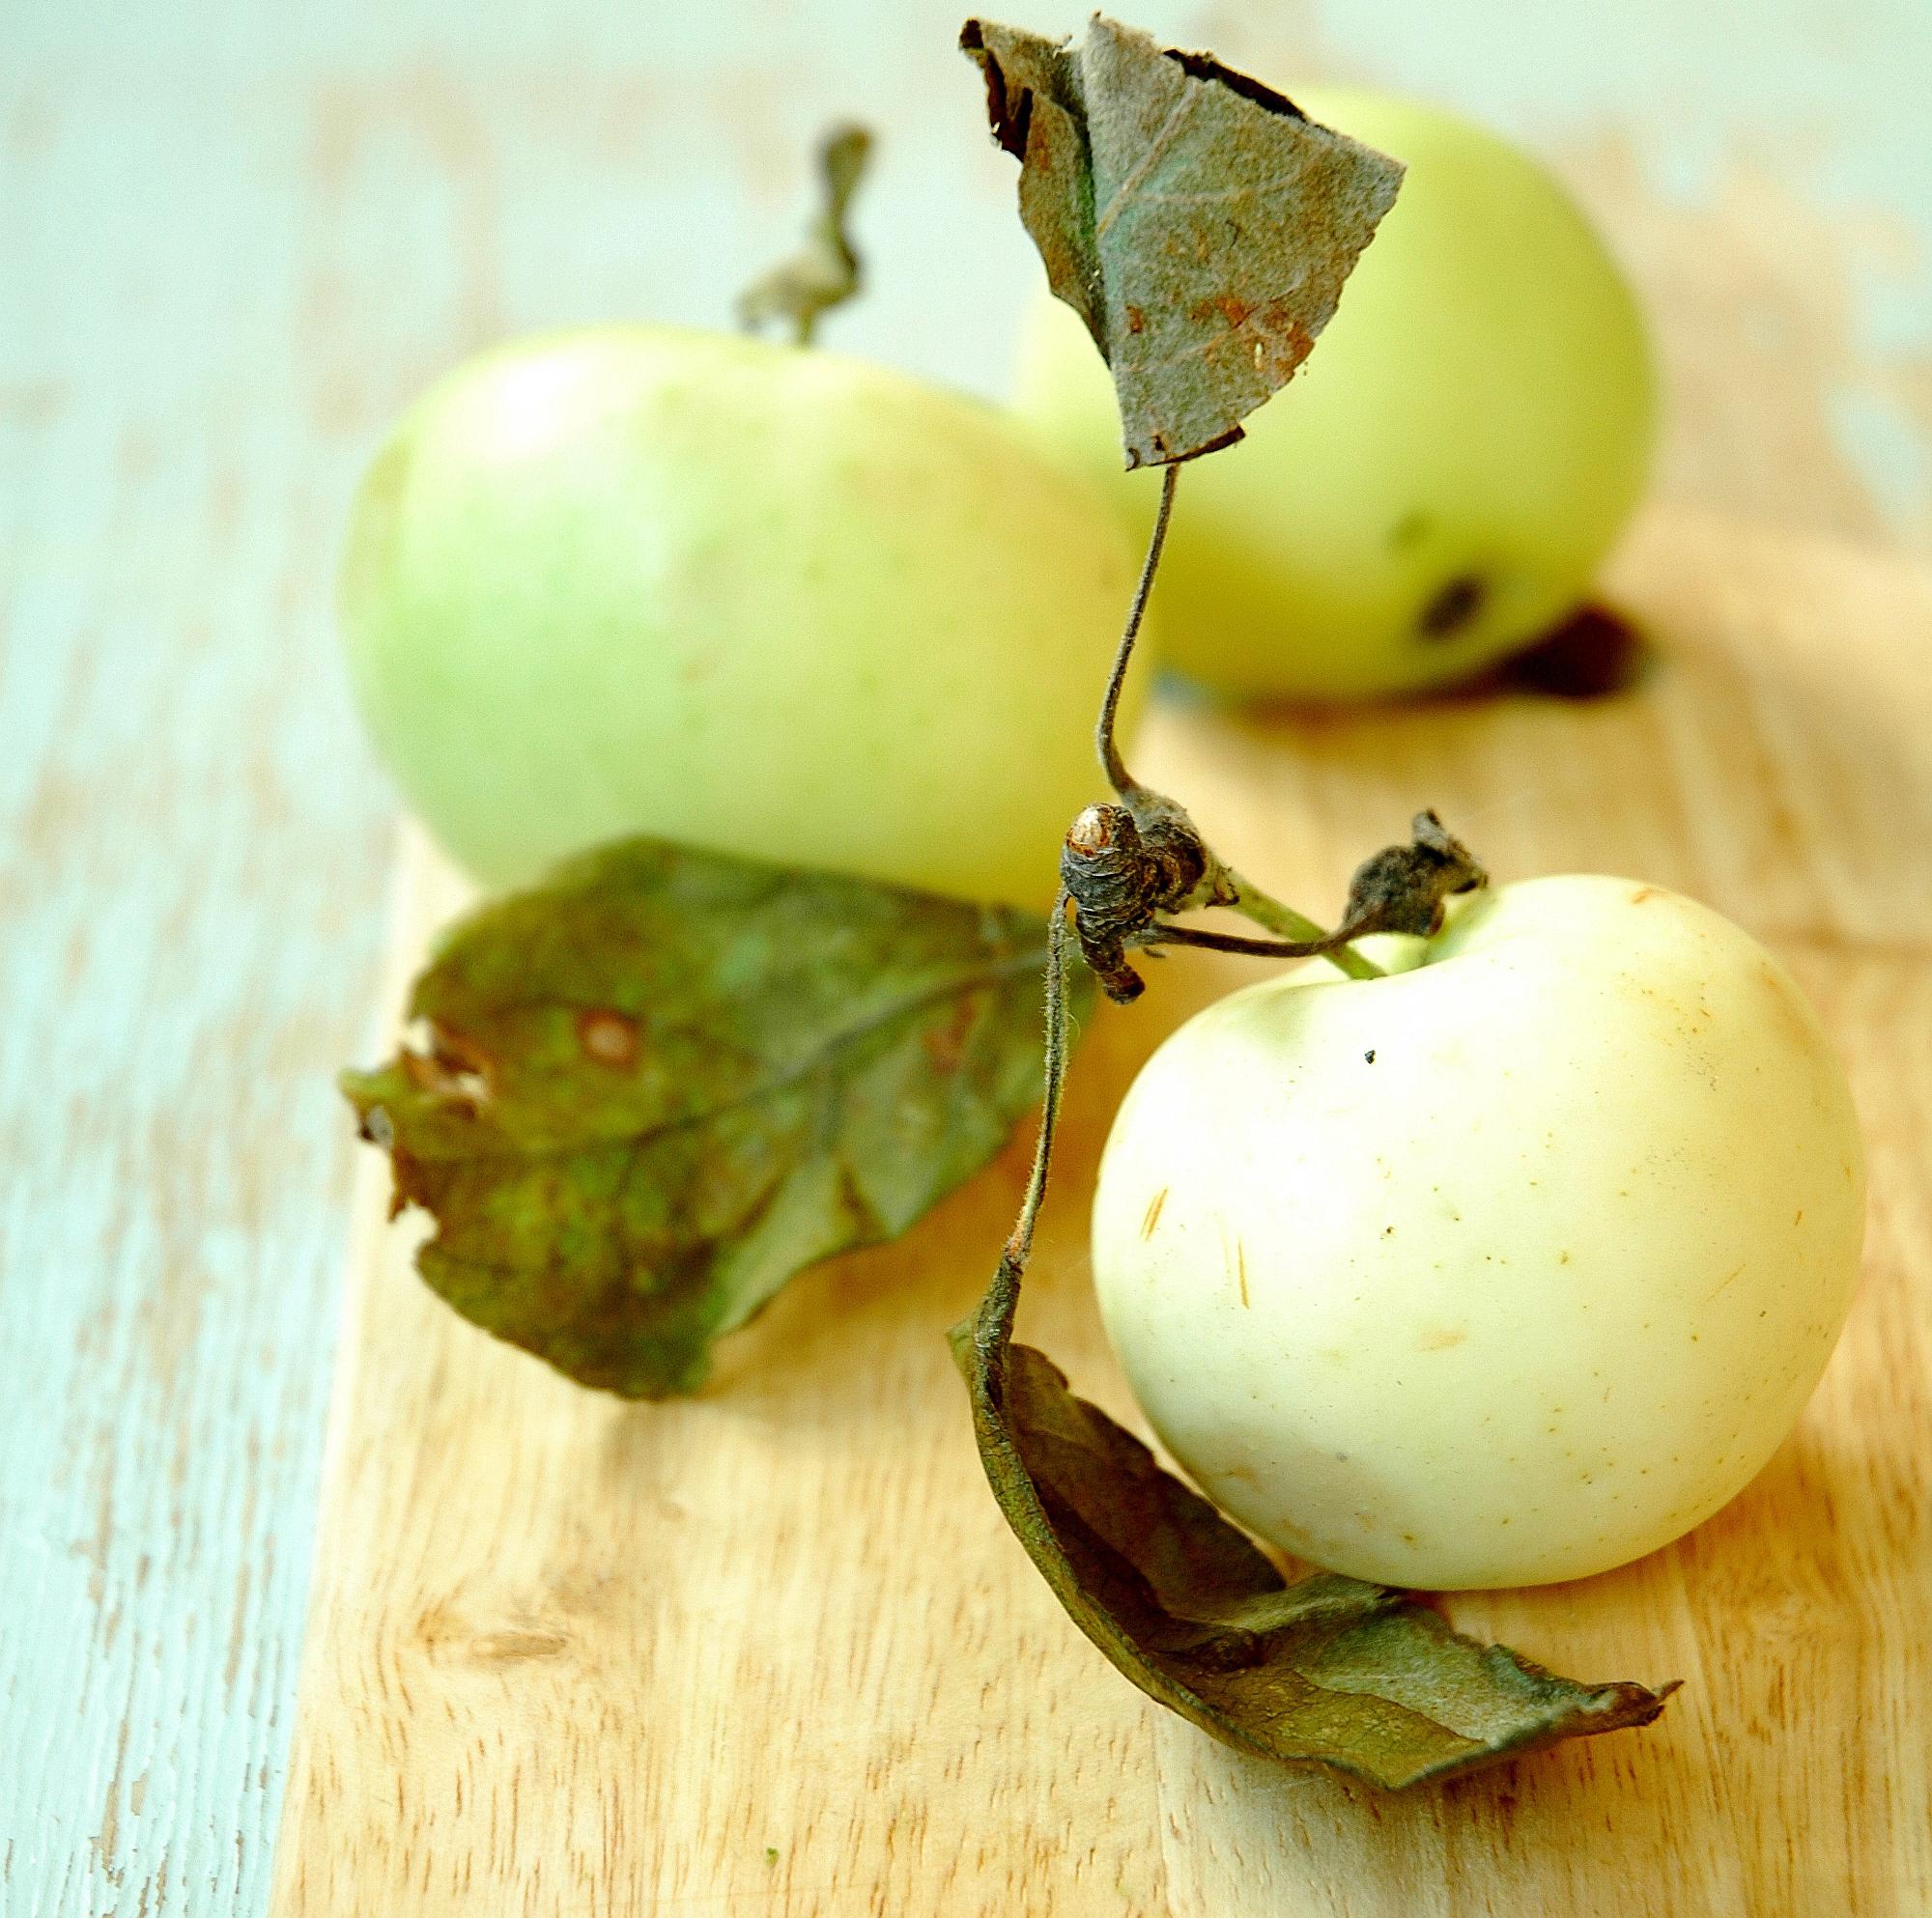 Делаем домашние дрожжи из фруктов, ягод, овощей, зелени с грядки